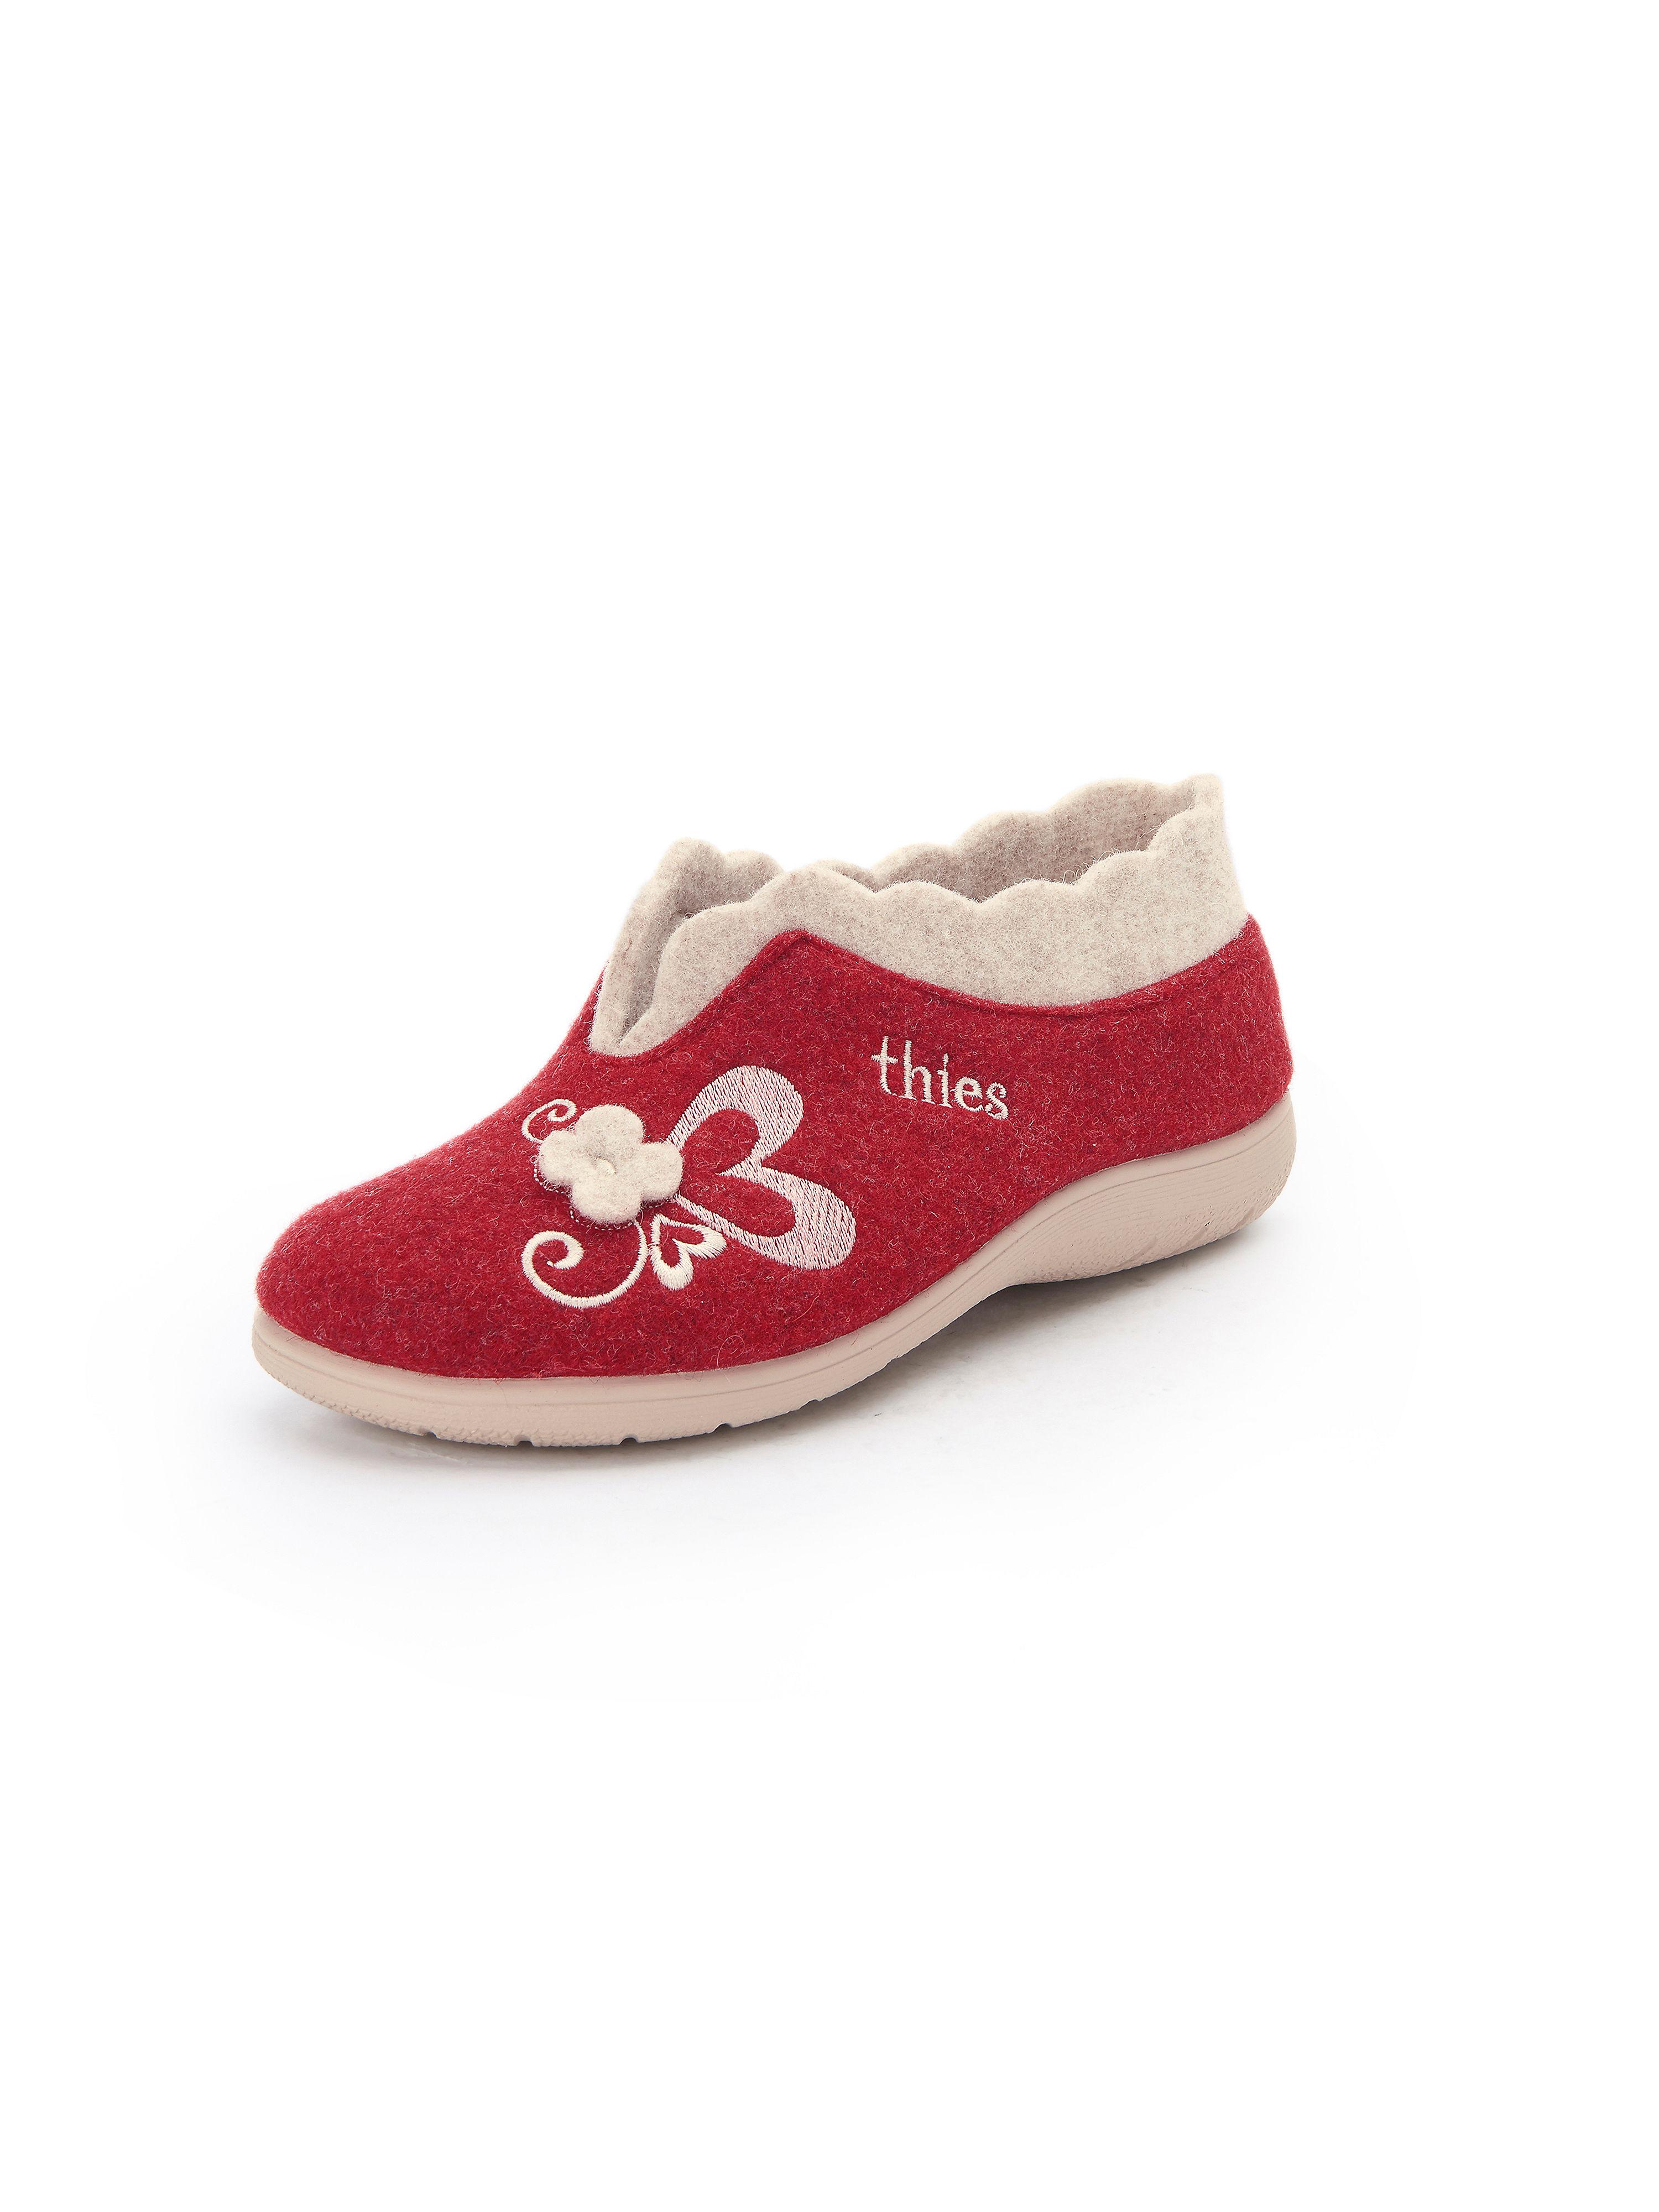 Pantoffels Van THIES rood